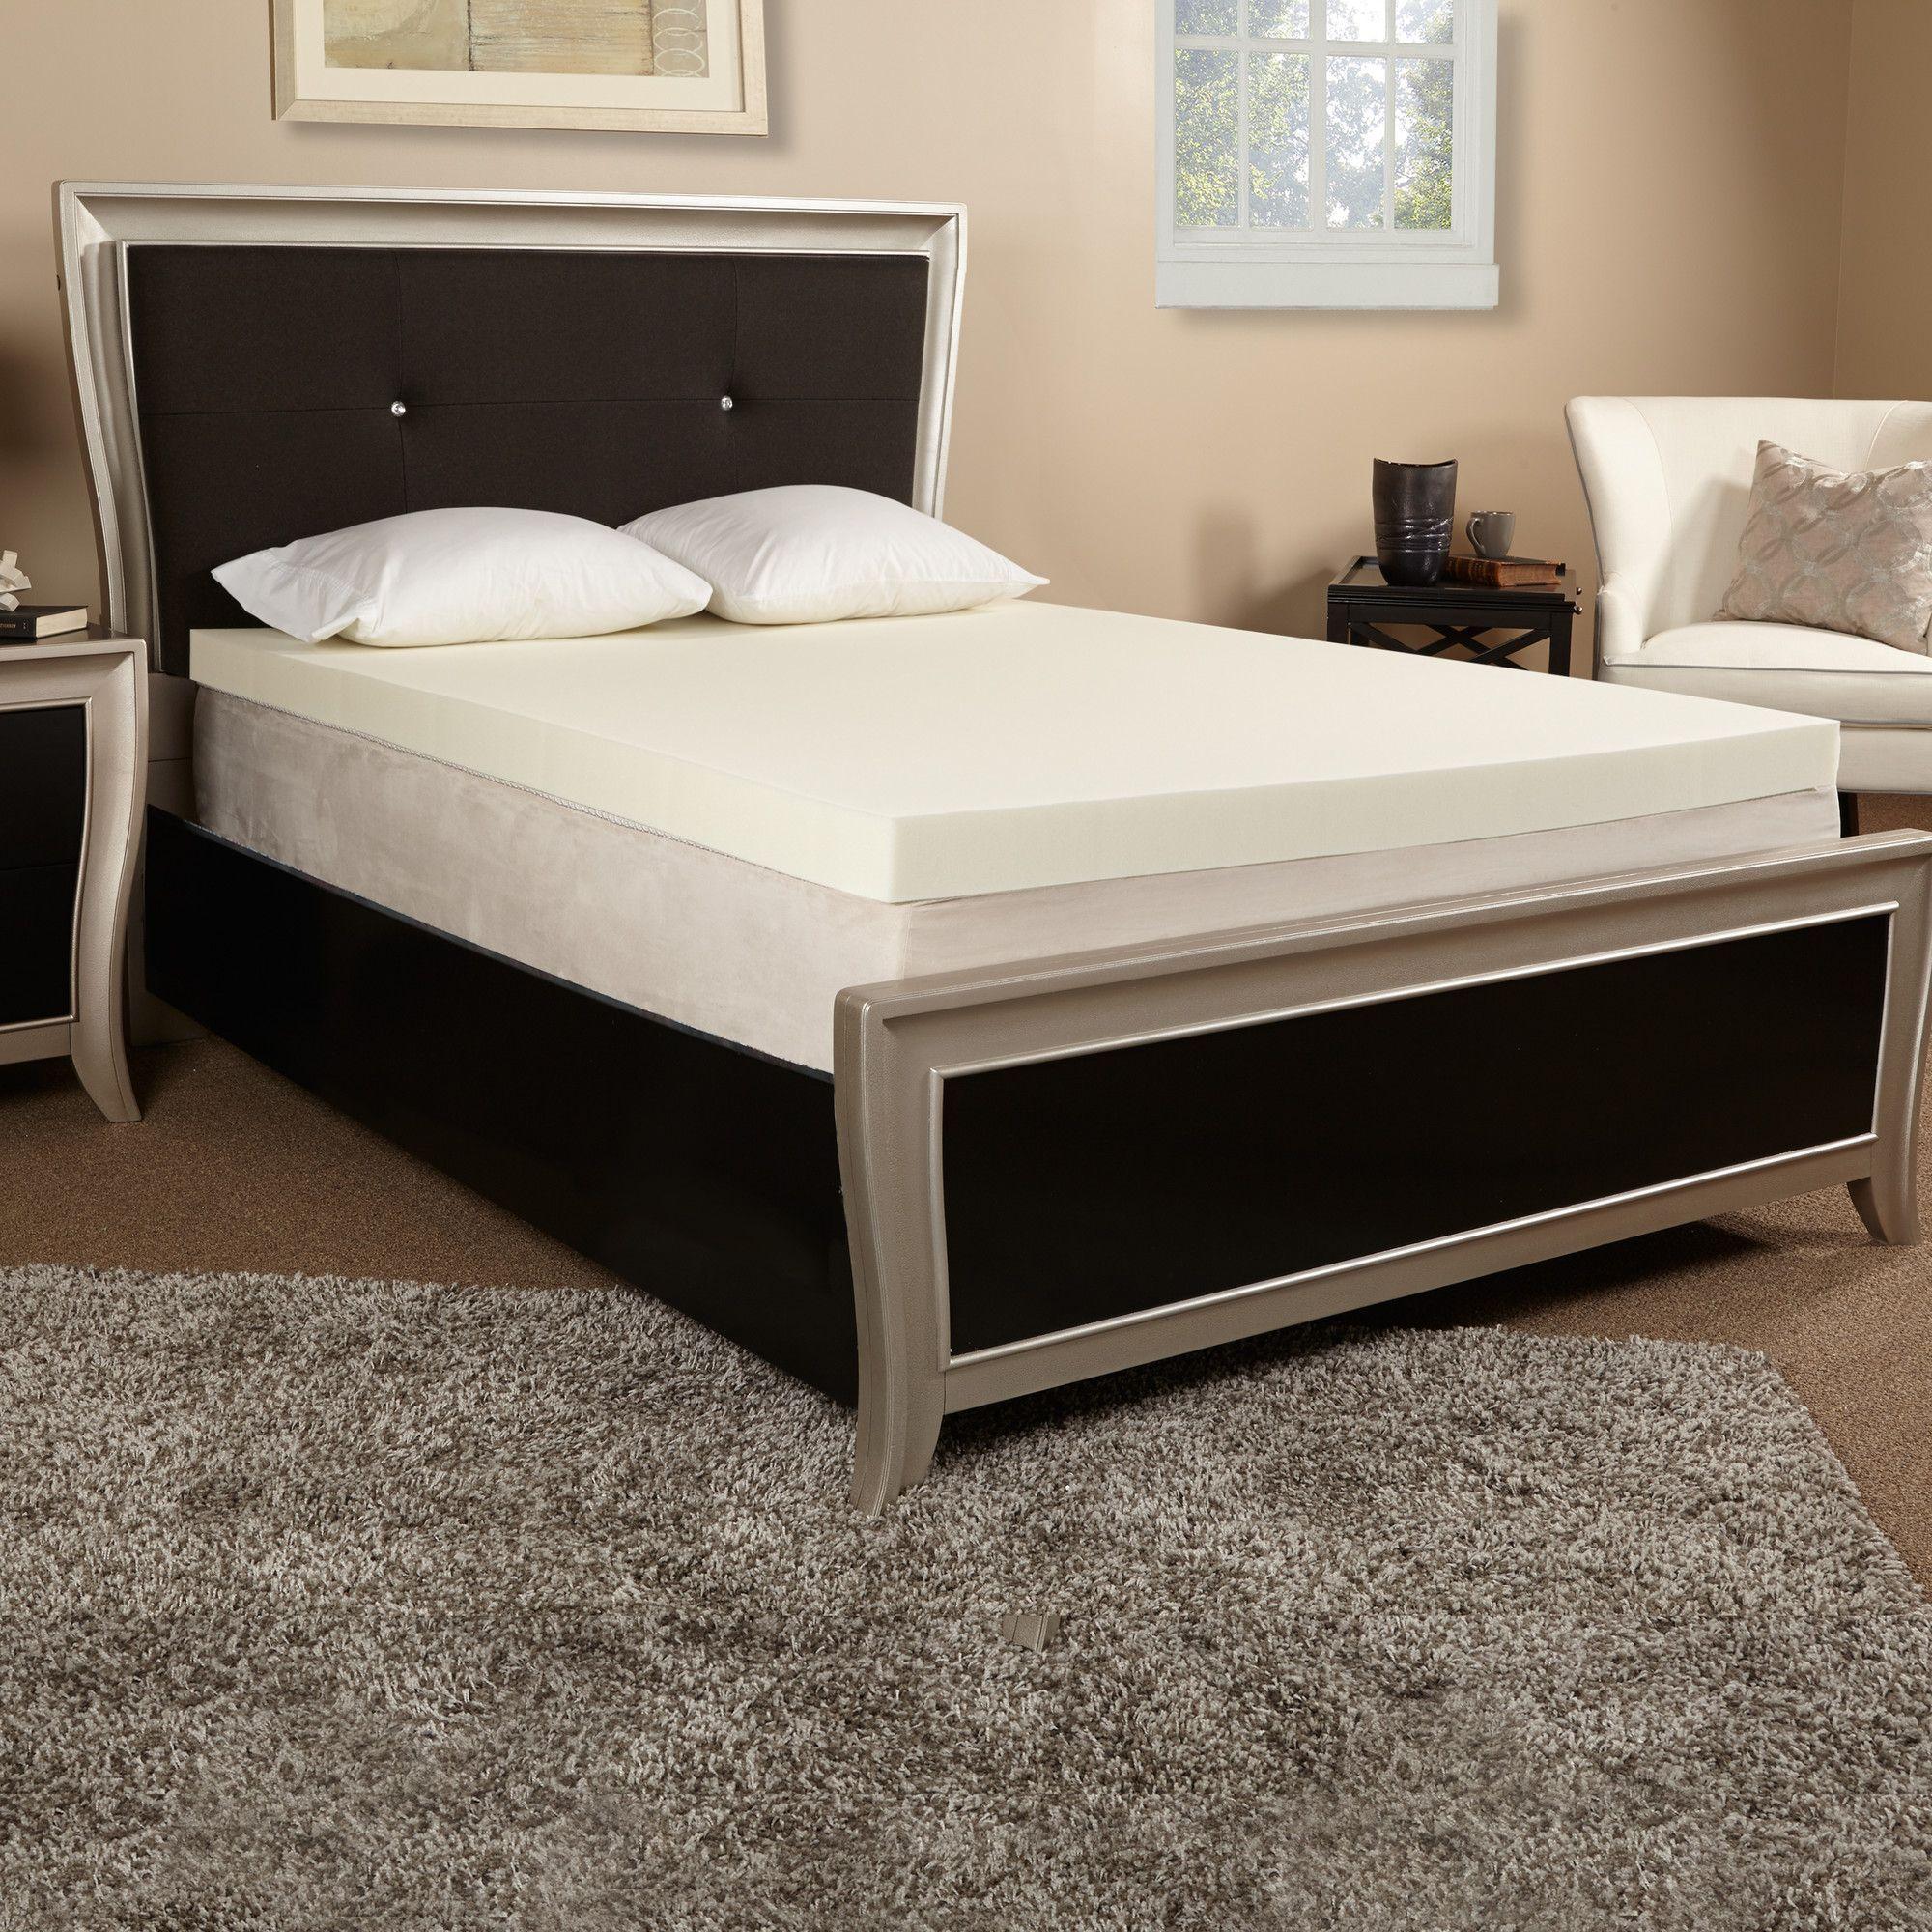 4 memory foam mattress topper college pinterest